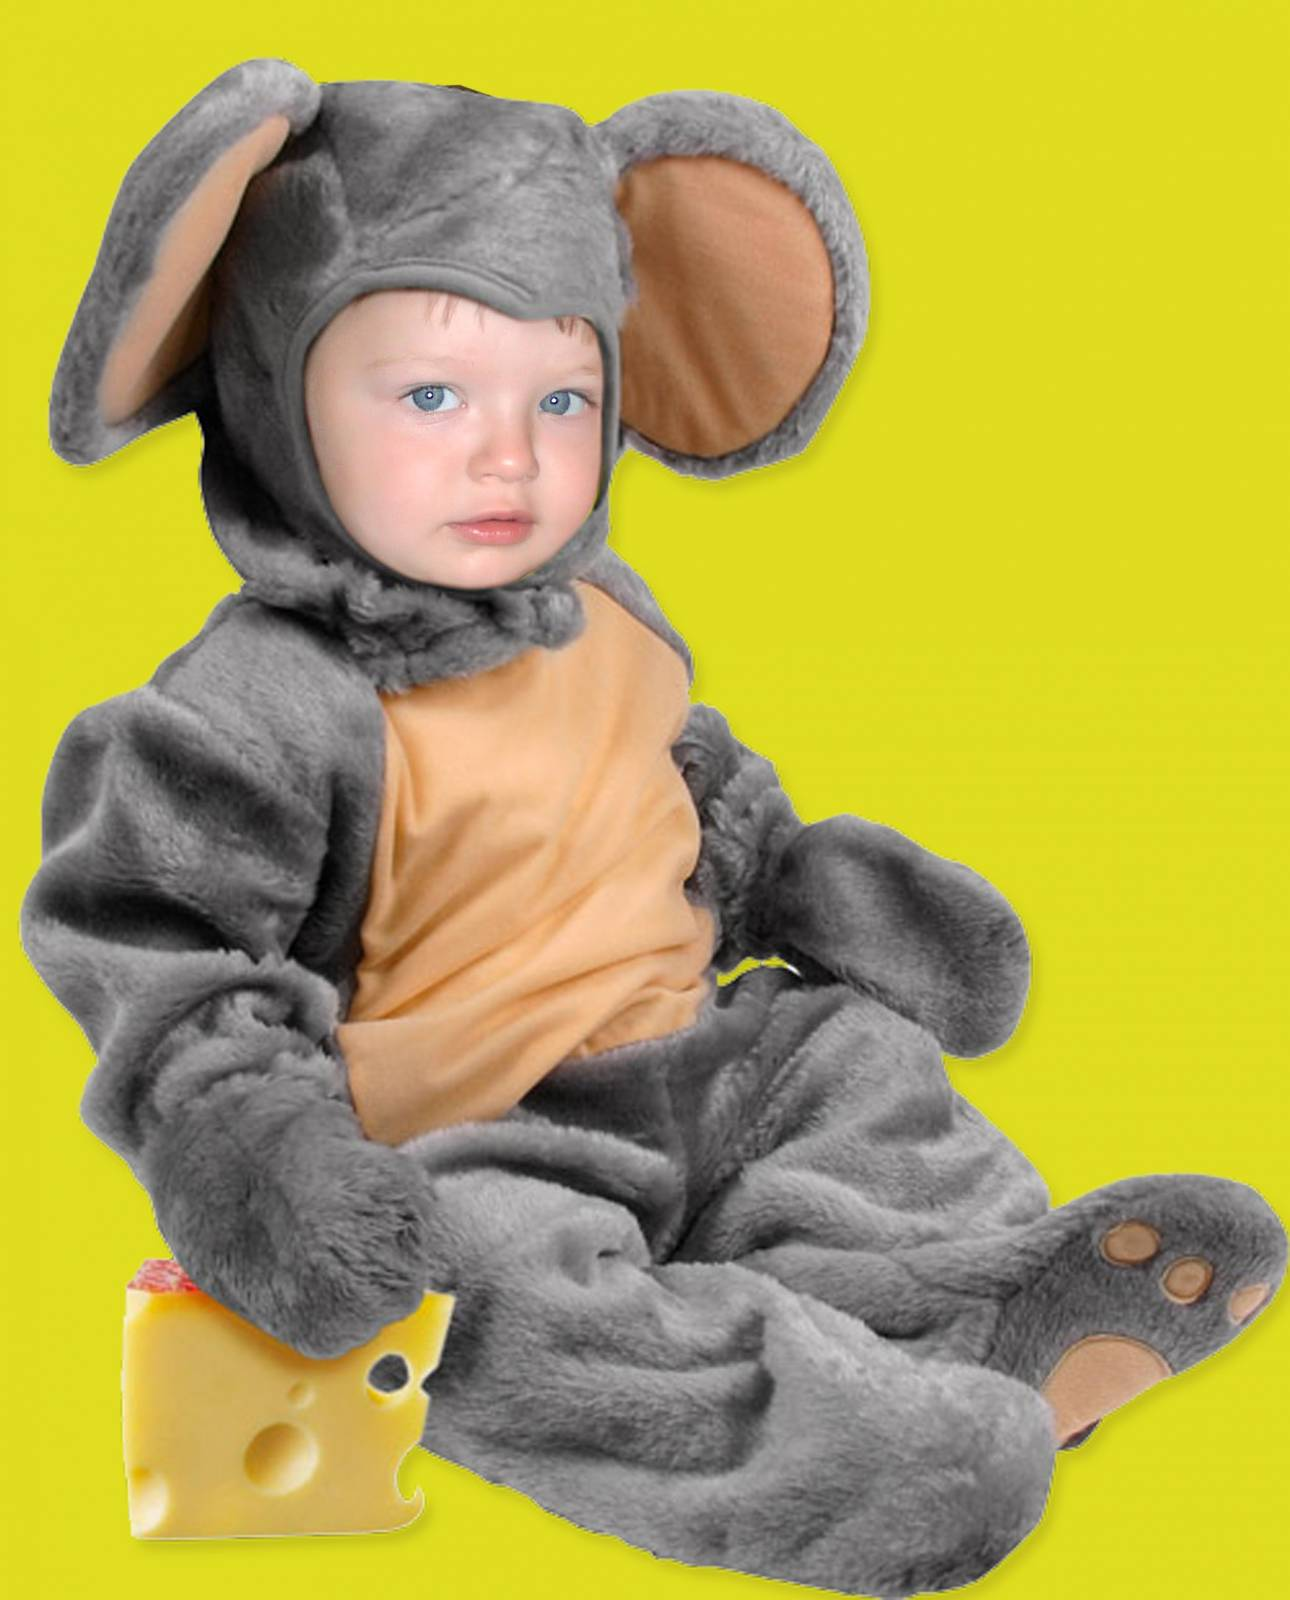 Костюм мышонка для мальчика своими руками